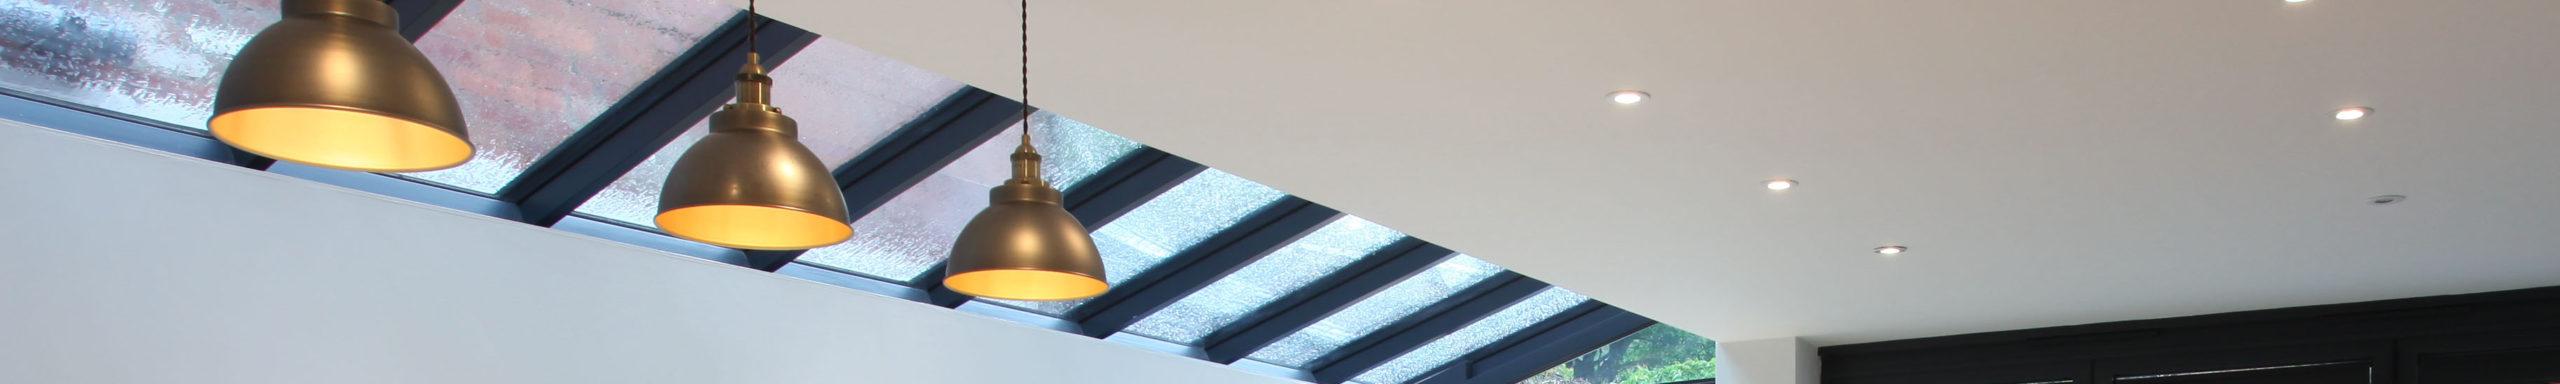 Glass side return roof